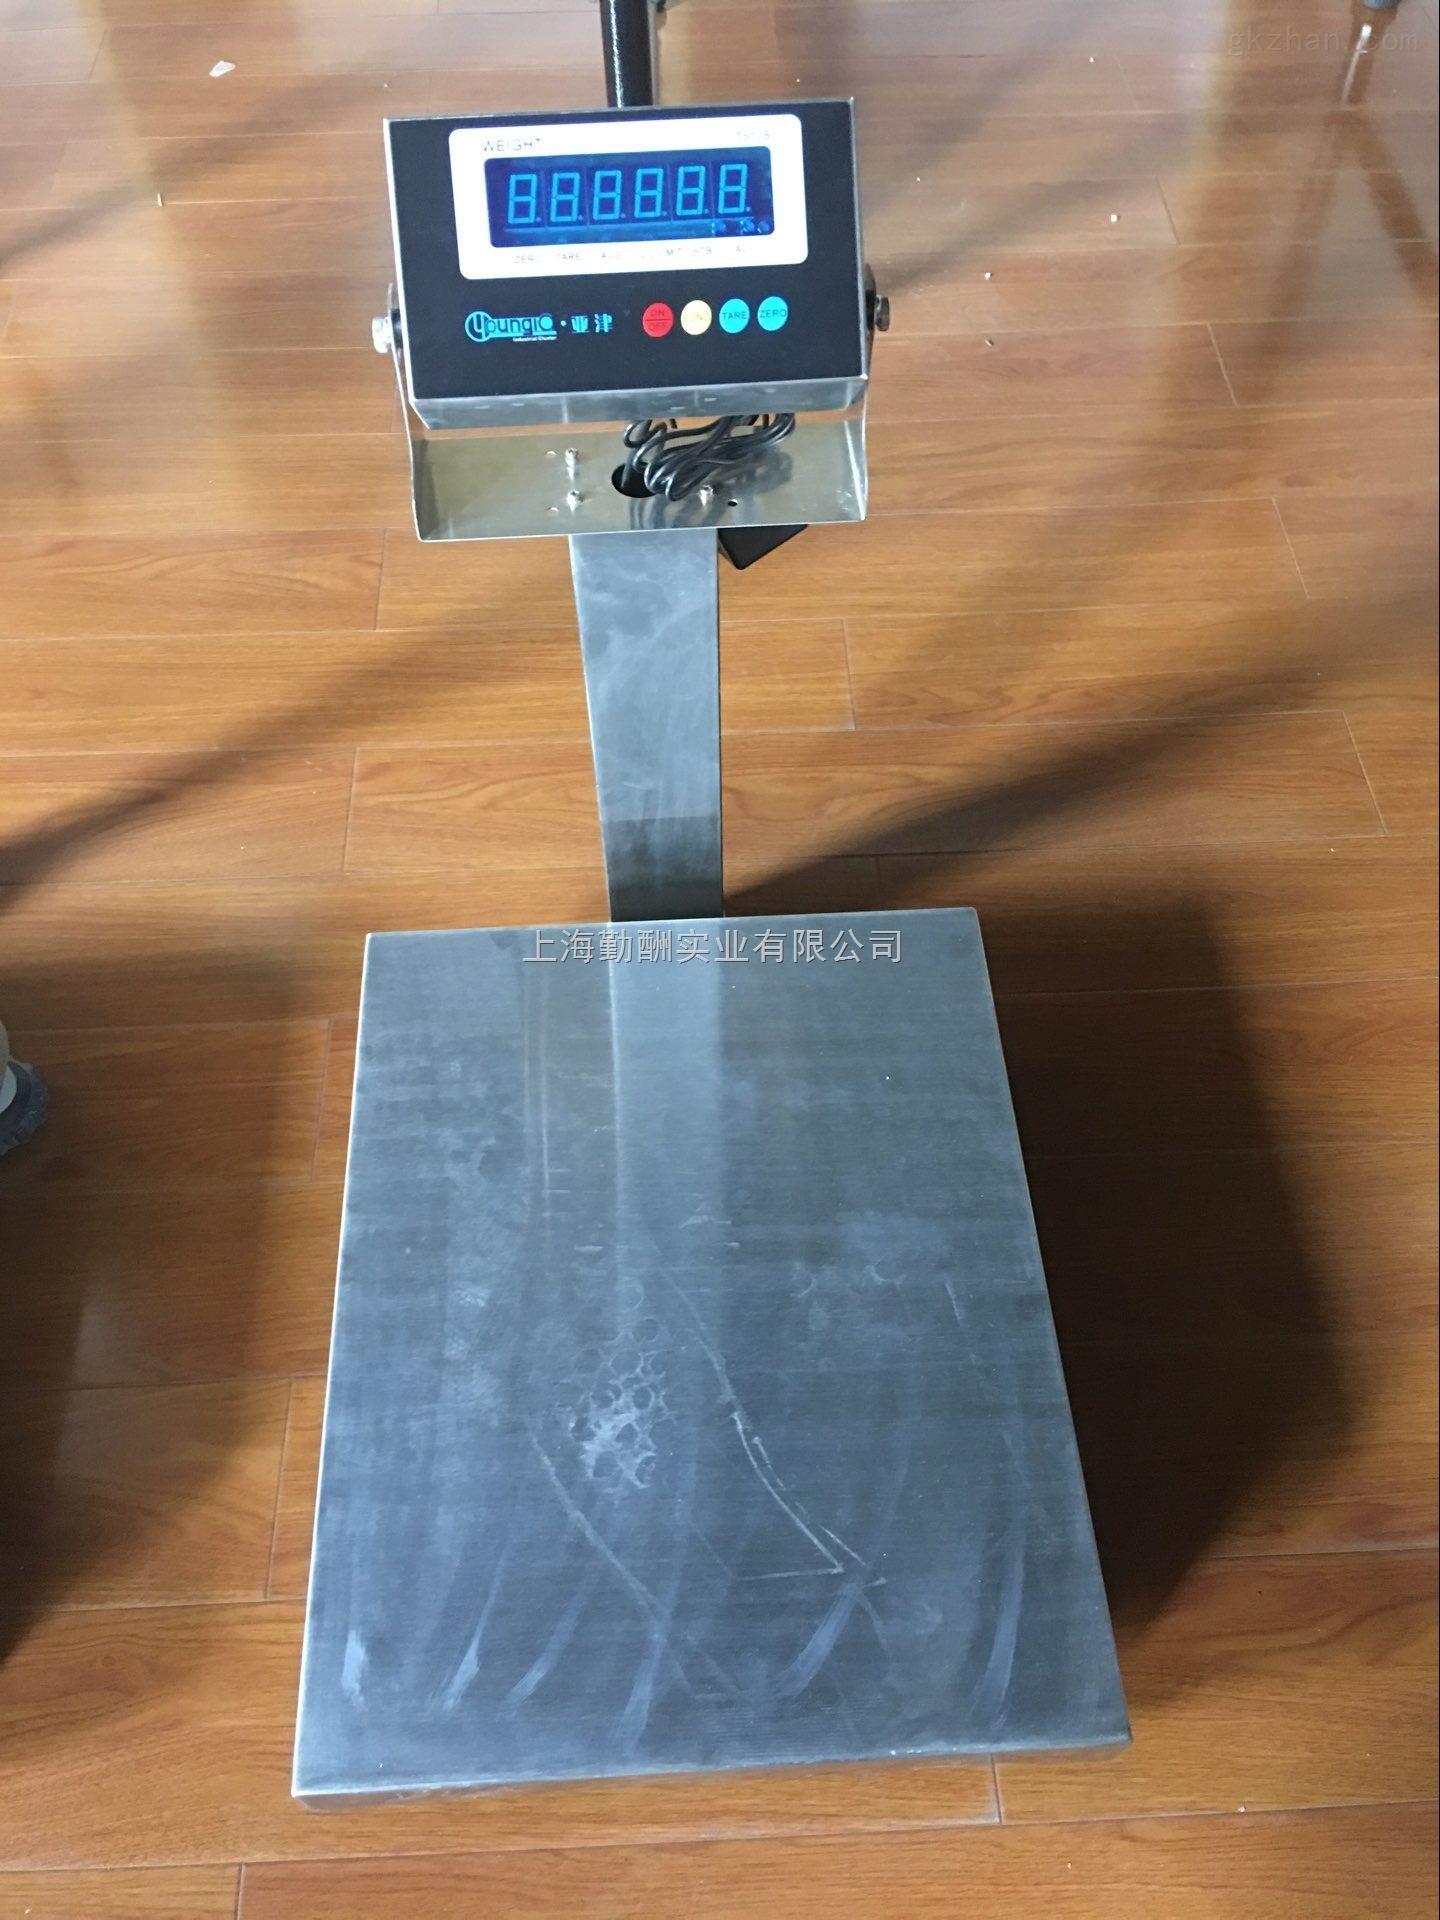 上海亚津牌水产行业防水电子秤/300kg防水台秤批发